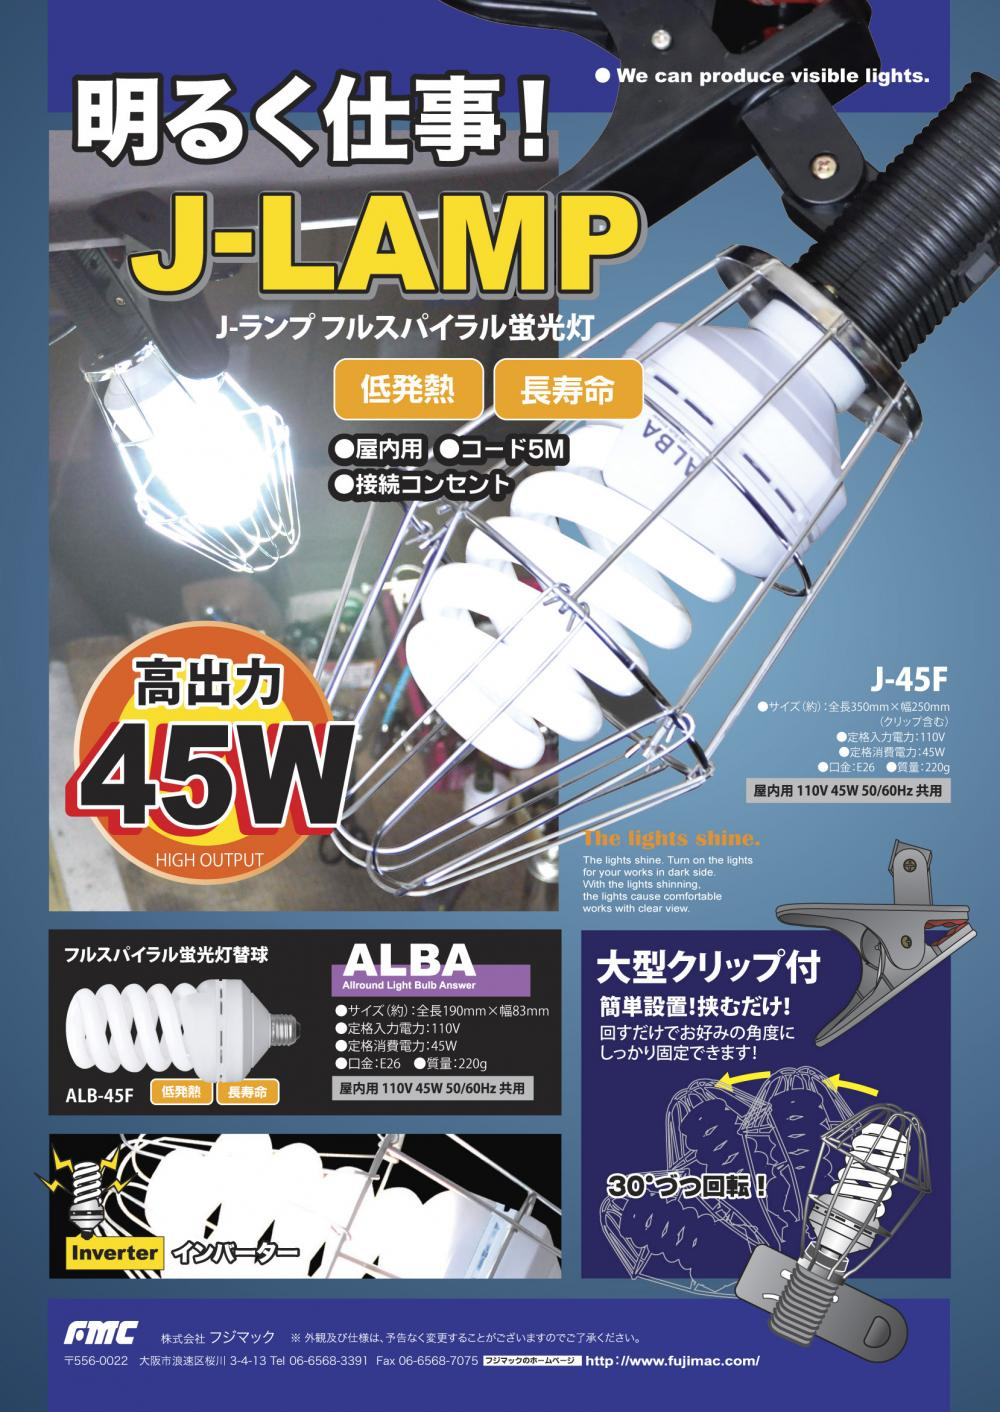 J-LAMP